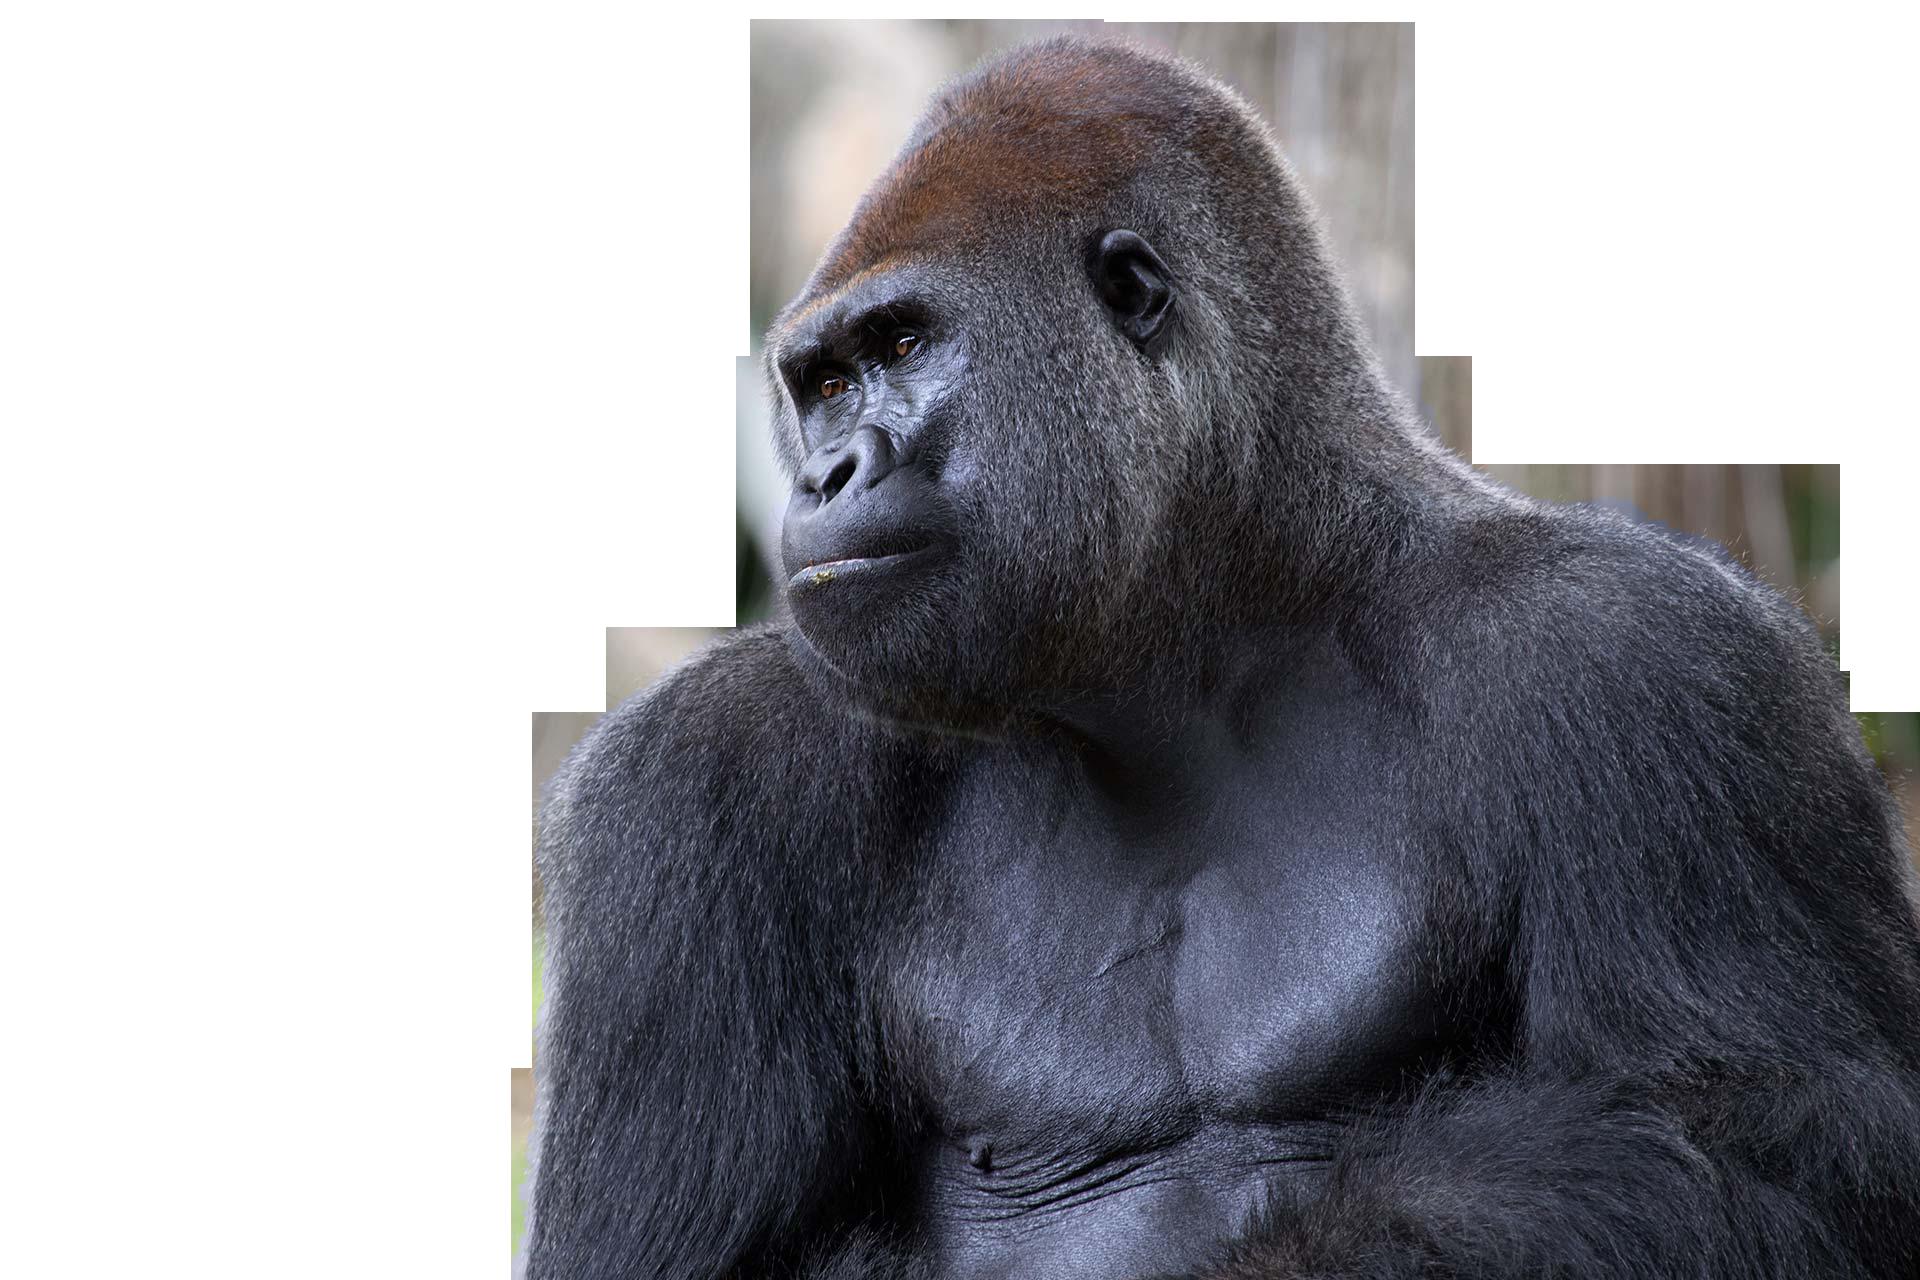 gorilla png image 8.